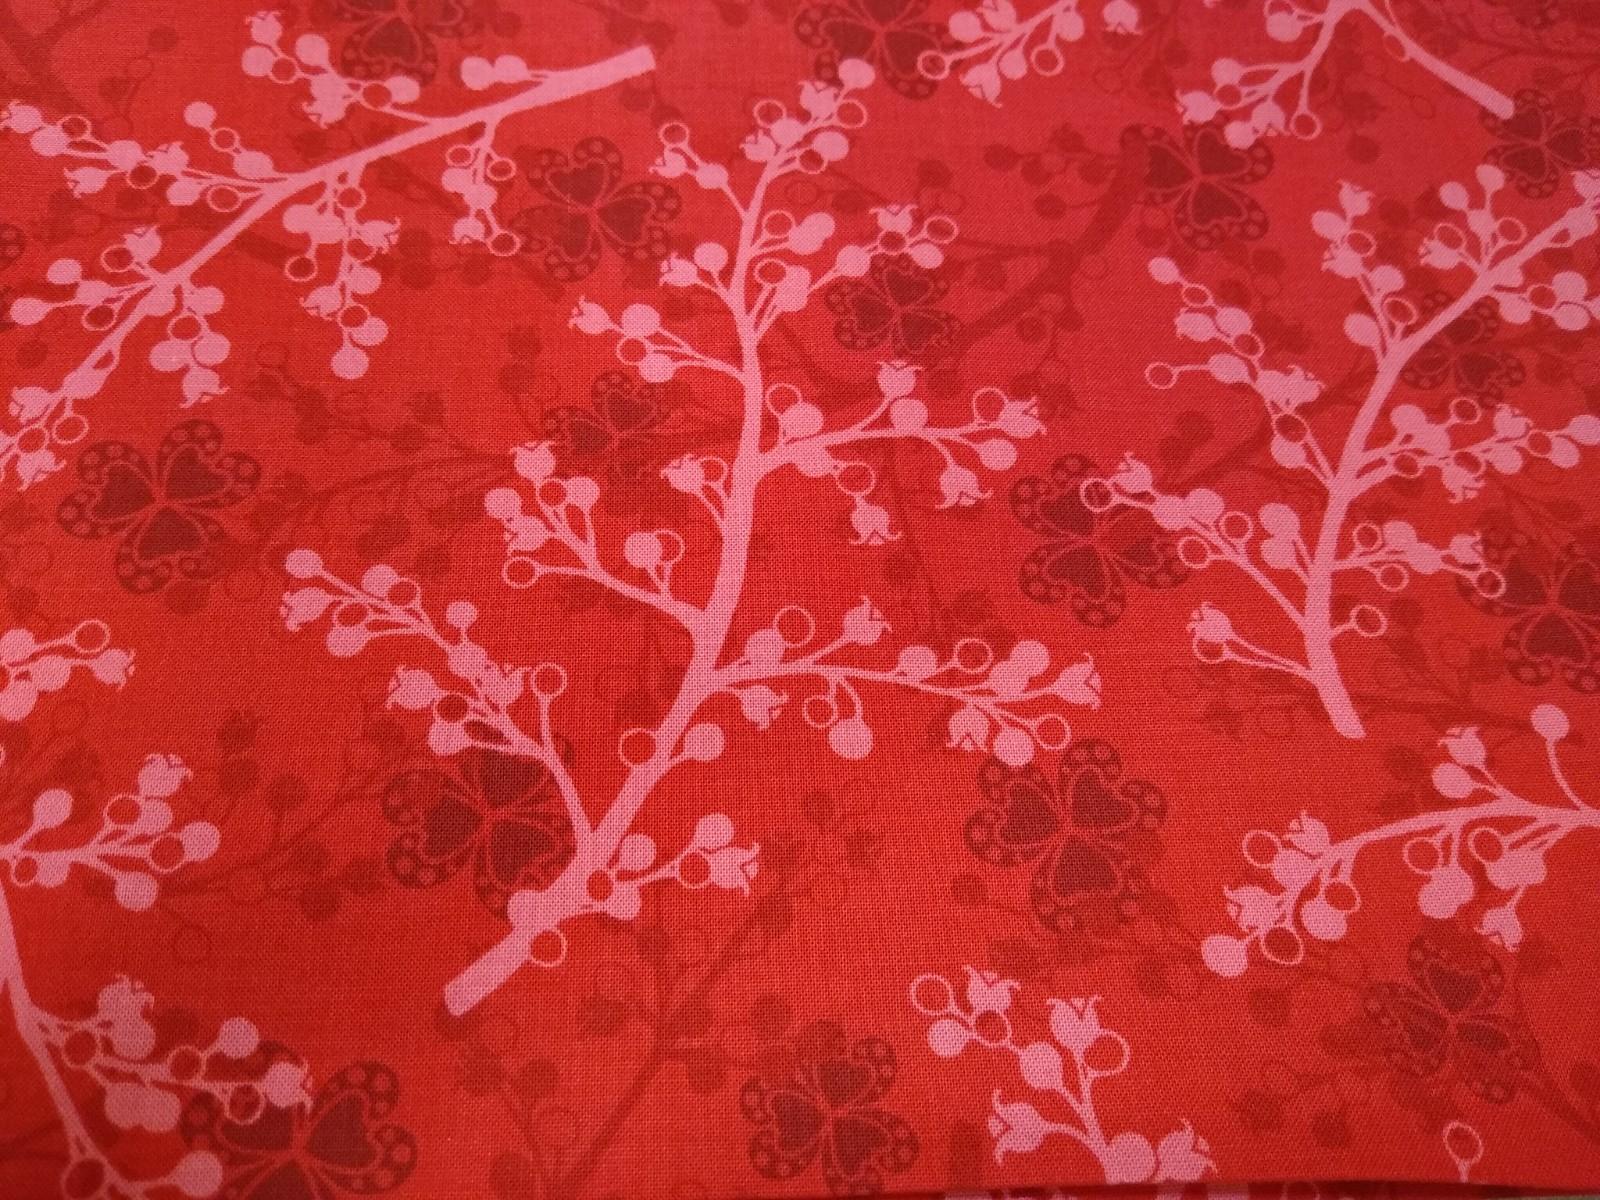 Baumwolle Zweige/ Blätter rot, 110cm breit, 0.5m 10.00€